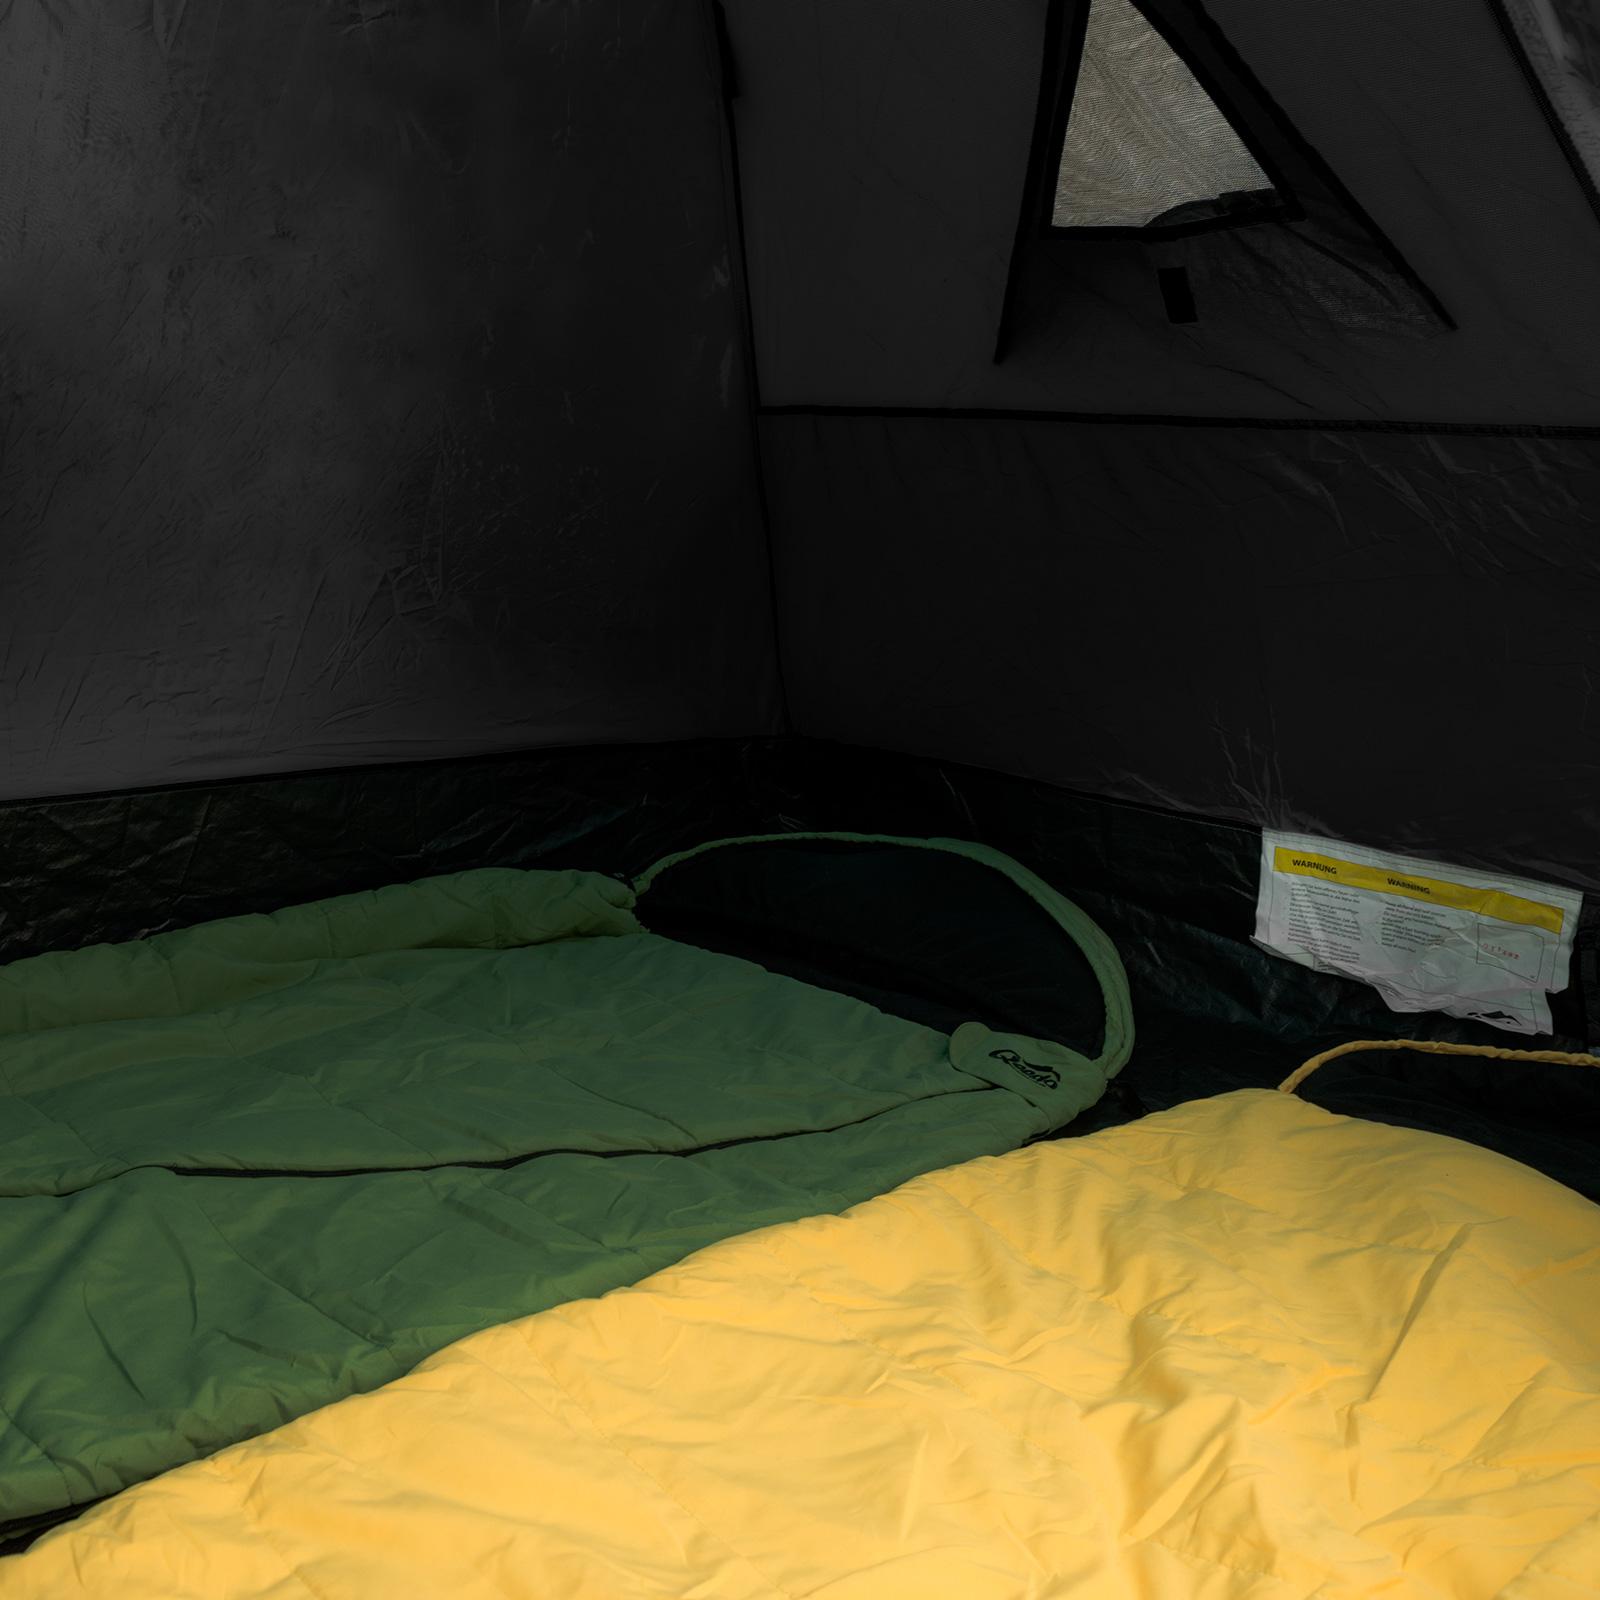 2 mann zelt qeedo quick ash 2 sekundenzelt campingzelt igluzelt pop up schwarz eur 89 90. Black Bedroom Furniture Sets. Home Design Ideas